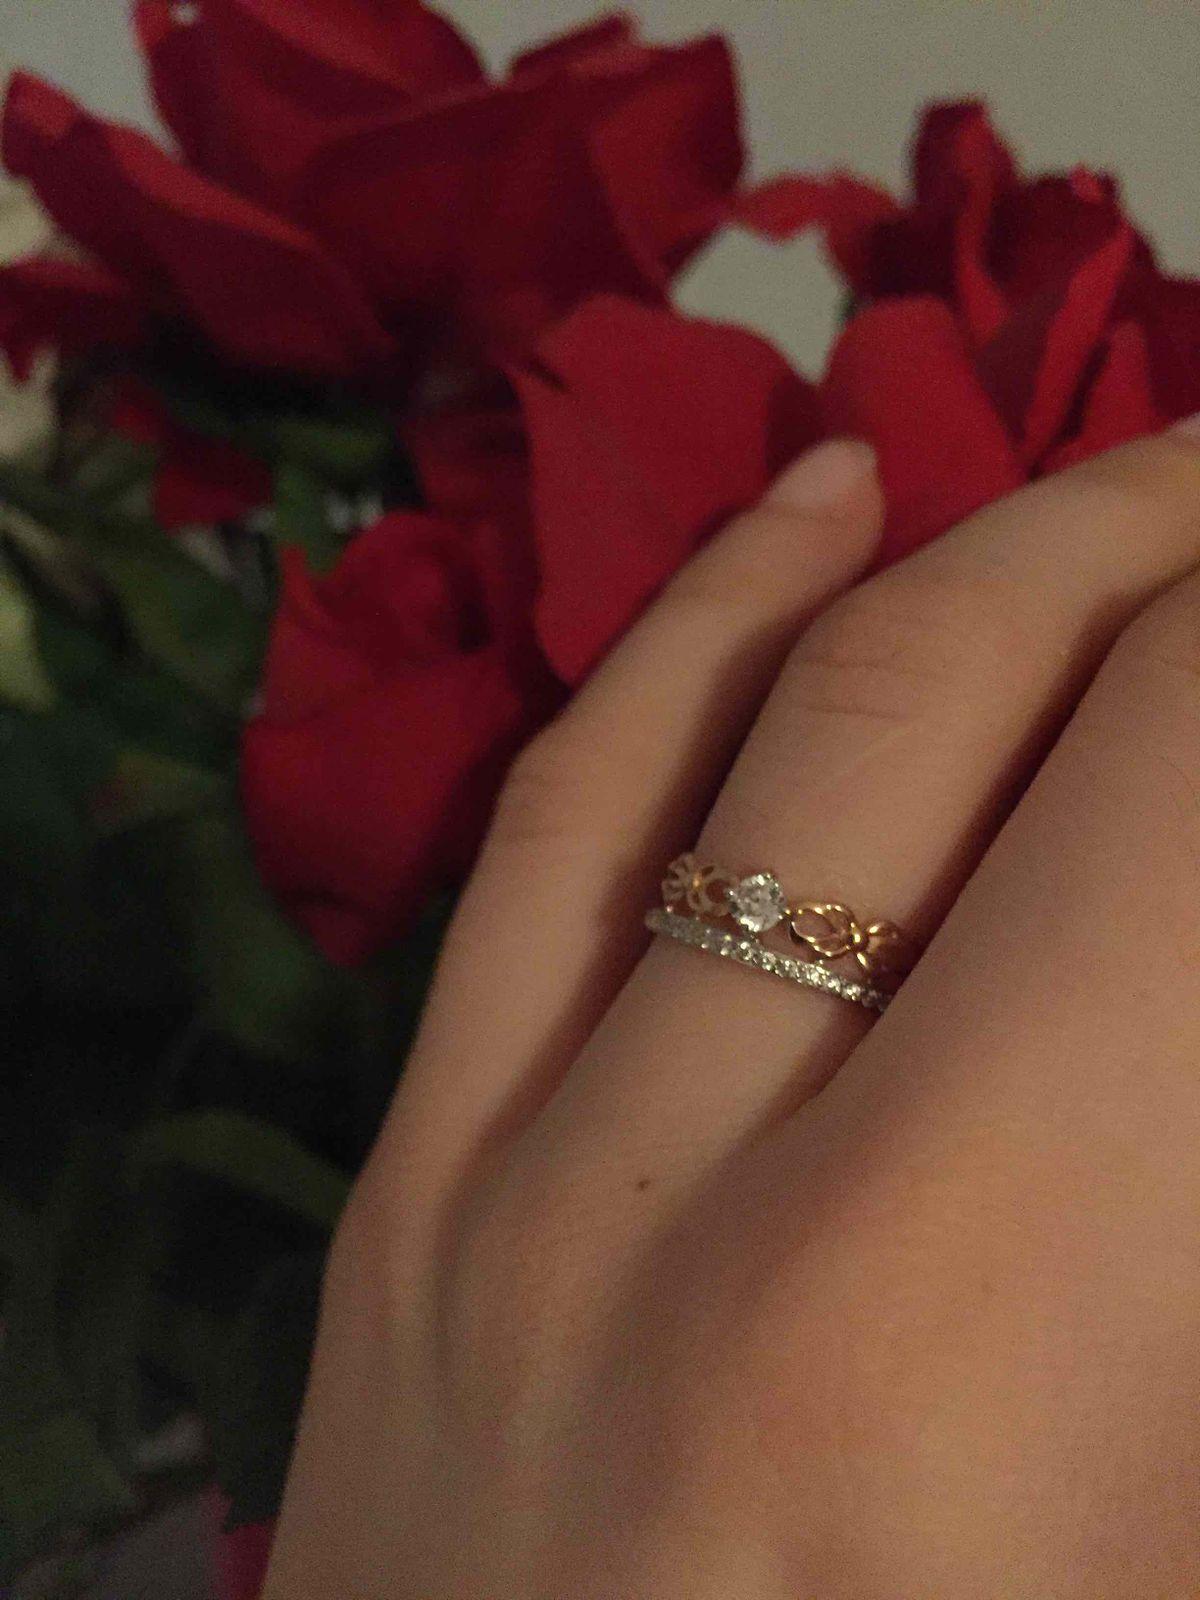 Очень красивое кольцо, ношу и радуюсь. фианит блестит, как бриллиант